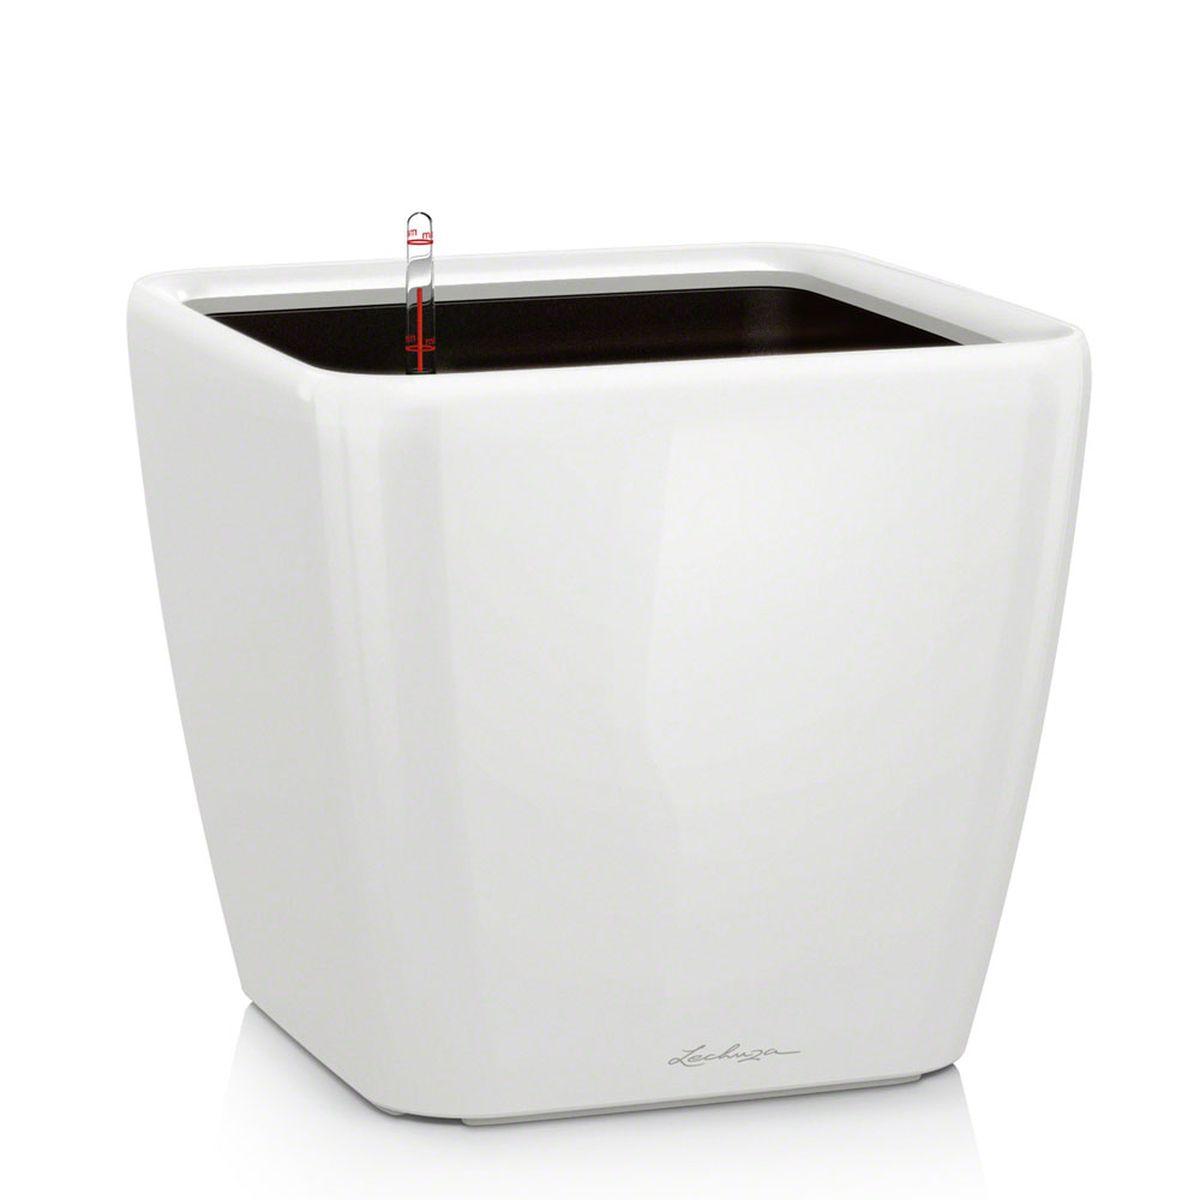 Кашпо Lechuza Quadro, с системой автополива, цвет: белый, 33 х 33 х 35 смZ-0307Кашпо Lechuza Quadro, выполненное из высококачественного пластика, имеет уникальную систему автополива, благодаря которой корневая система растения непрерывно снабжается влагой из резервуара. Уровень воды в резервуаре контролируется с помощью специального индикатора. В зависимости от размера кашпо и растения воды хватает на 2-12 недель. Это способствует хорошему росту цветов и предотвращает переувлажнение.В набор входит: кашпо, внутренний горшок, индикатор уровня воды, вал подачи воды, субстрат растений в качестве дренажного слоя, резервуар для воды.Кашпо Lechuza Quadro прекрасно впишется в любой интерьер. Оно поможет расставить нужные акценты и придаст помещению вид, соответствующий вашим представлениям.